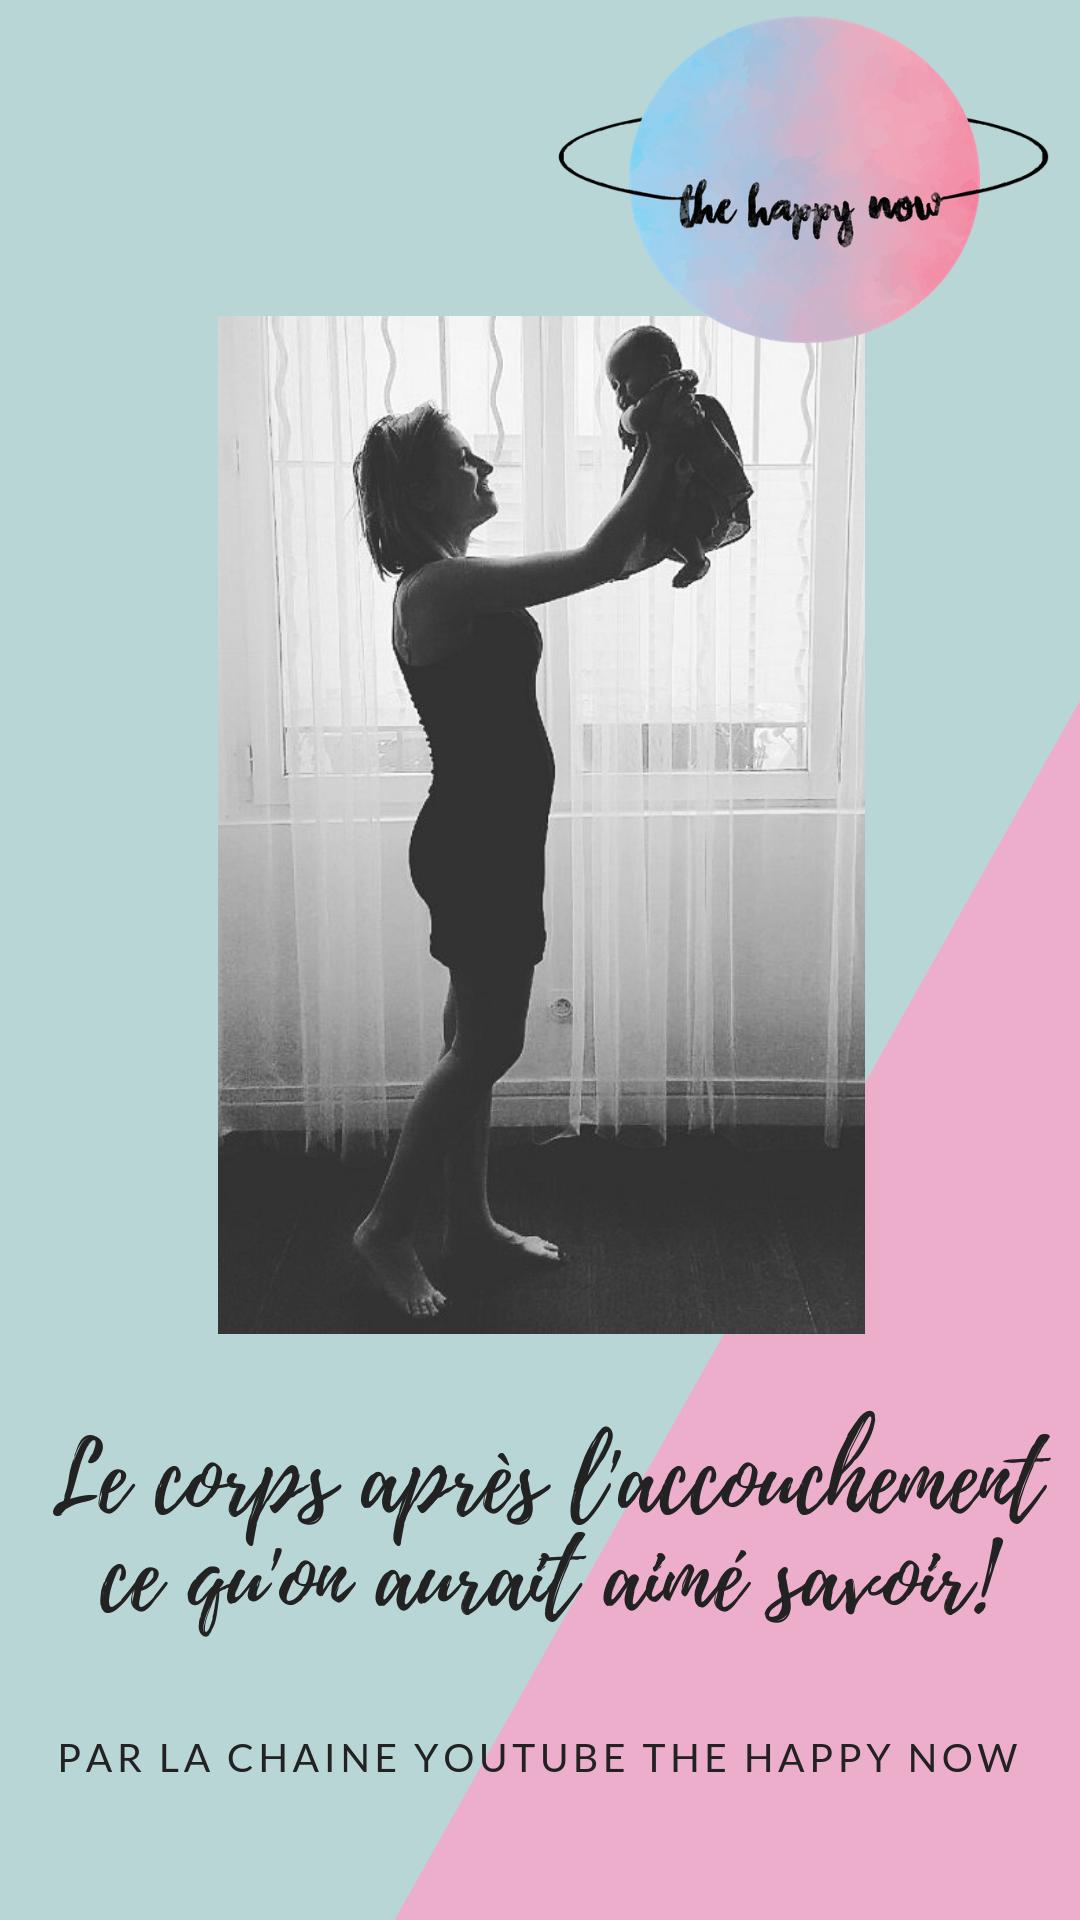 post accouchement, ce que j'aurais aimé savoir sur le corps! #thehappynow sur withalovelikethat.fr